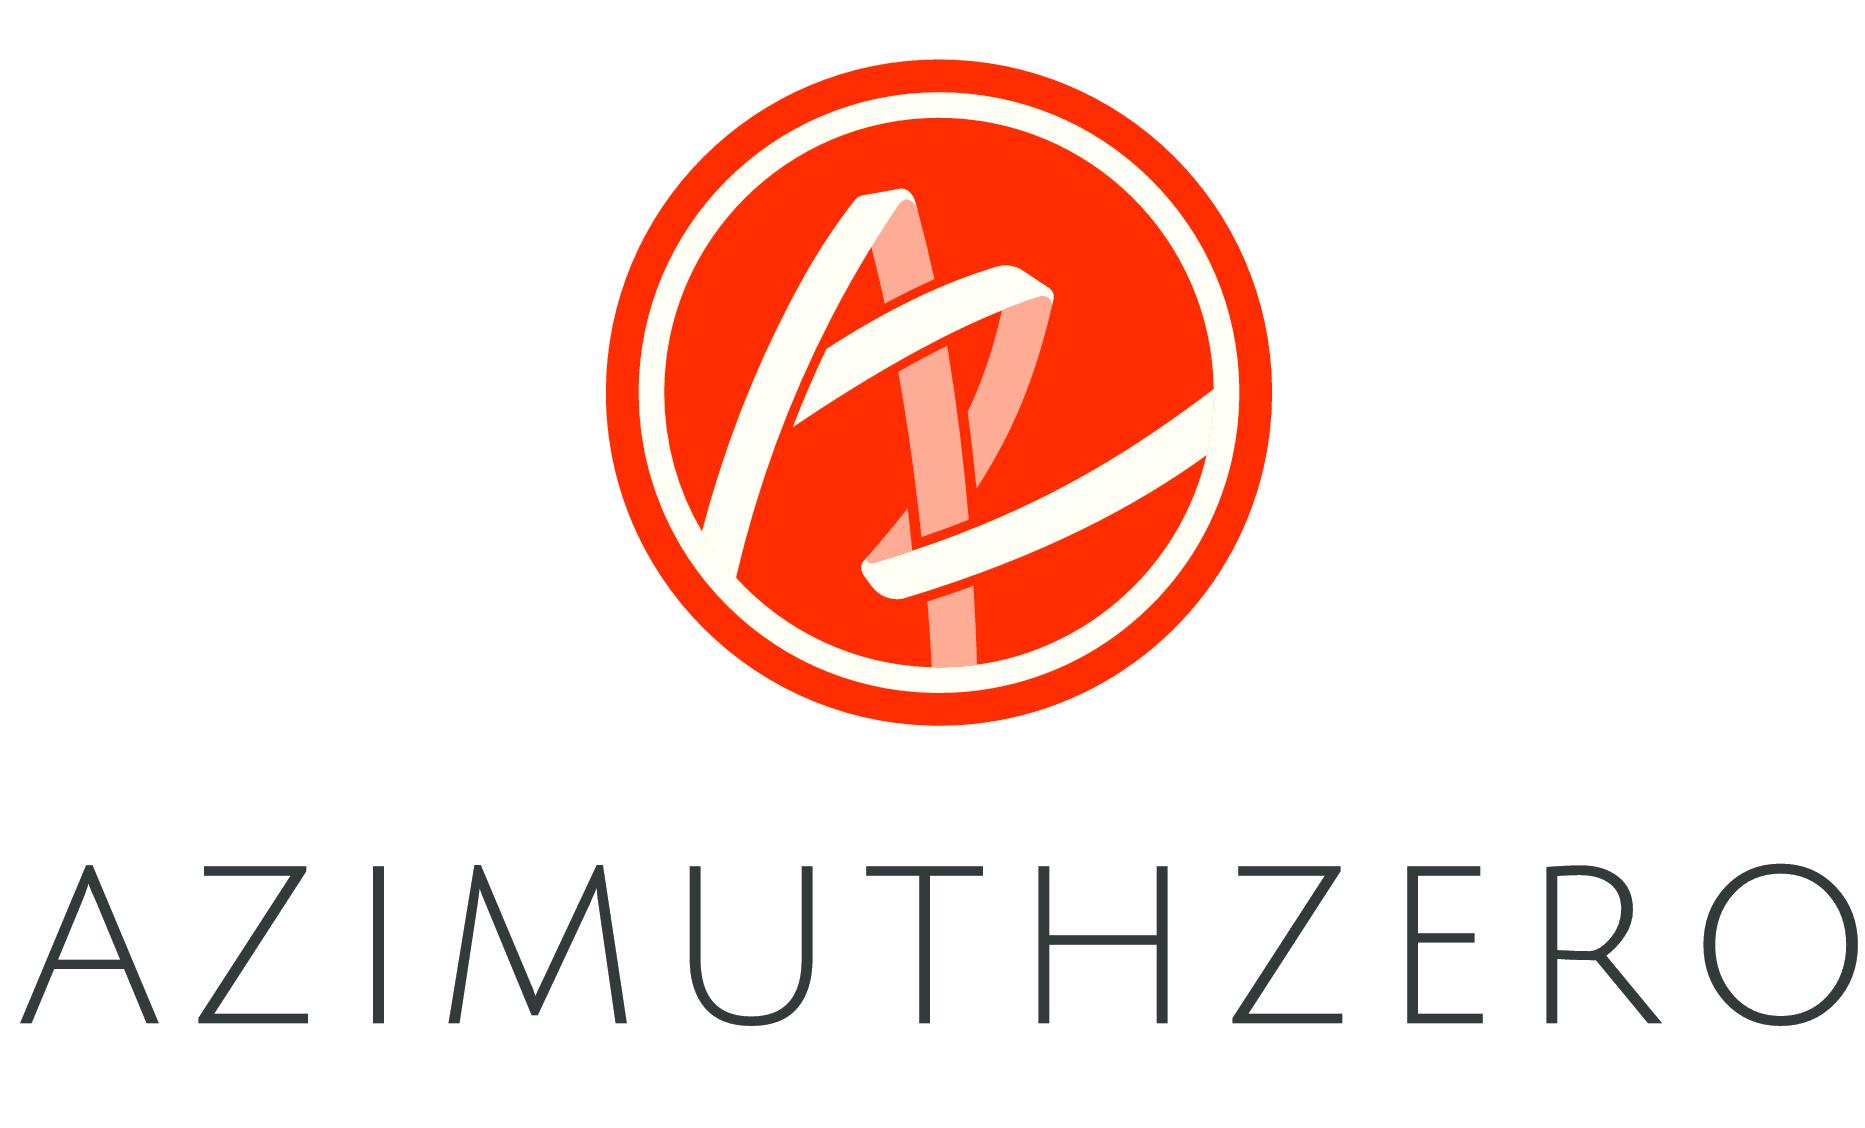 Empresas Desafio10x: Azimuthzero